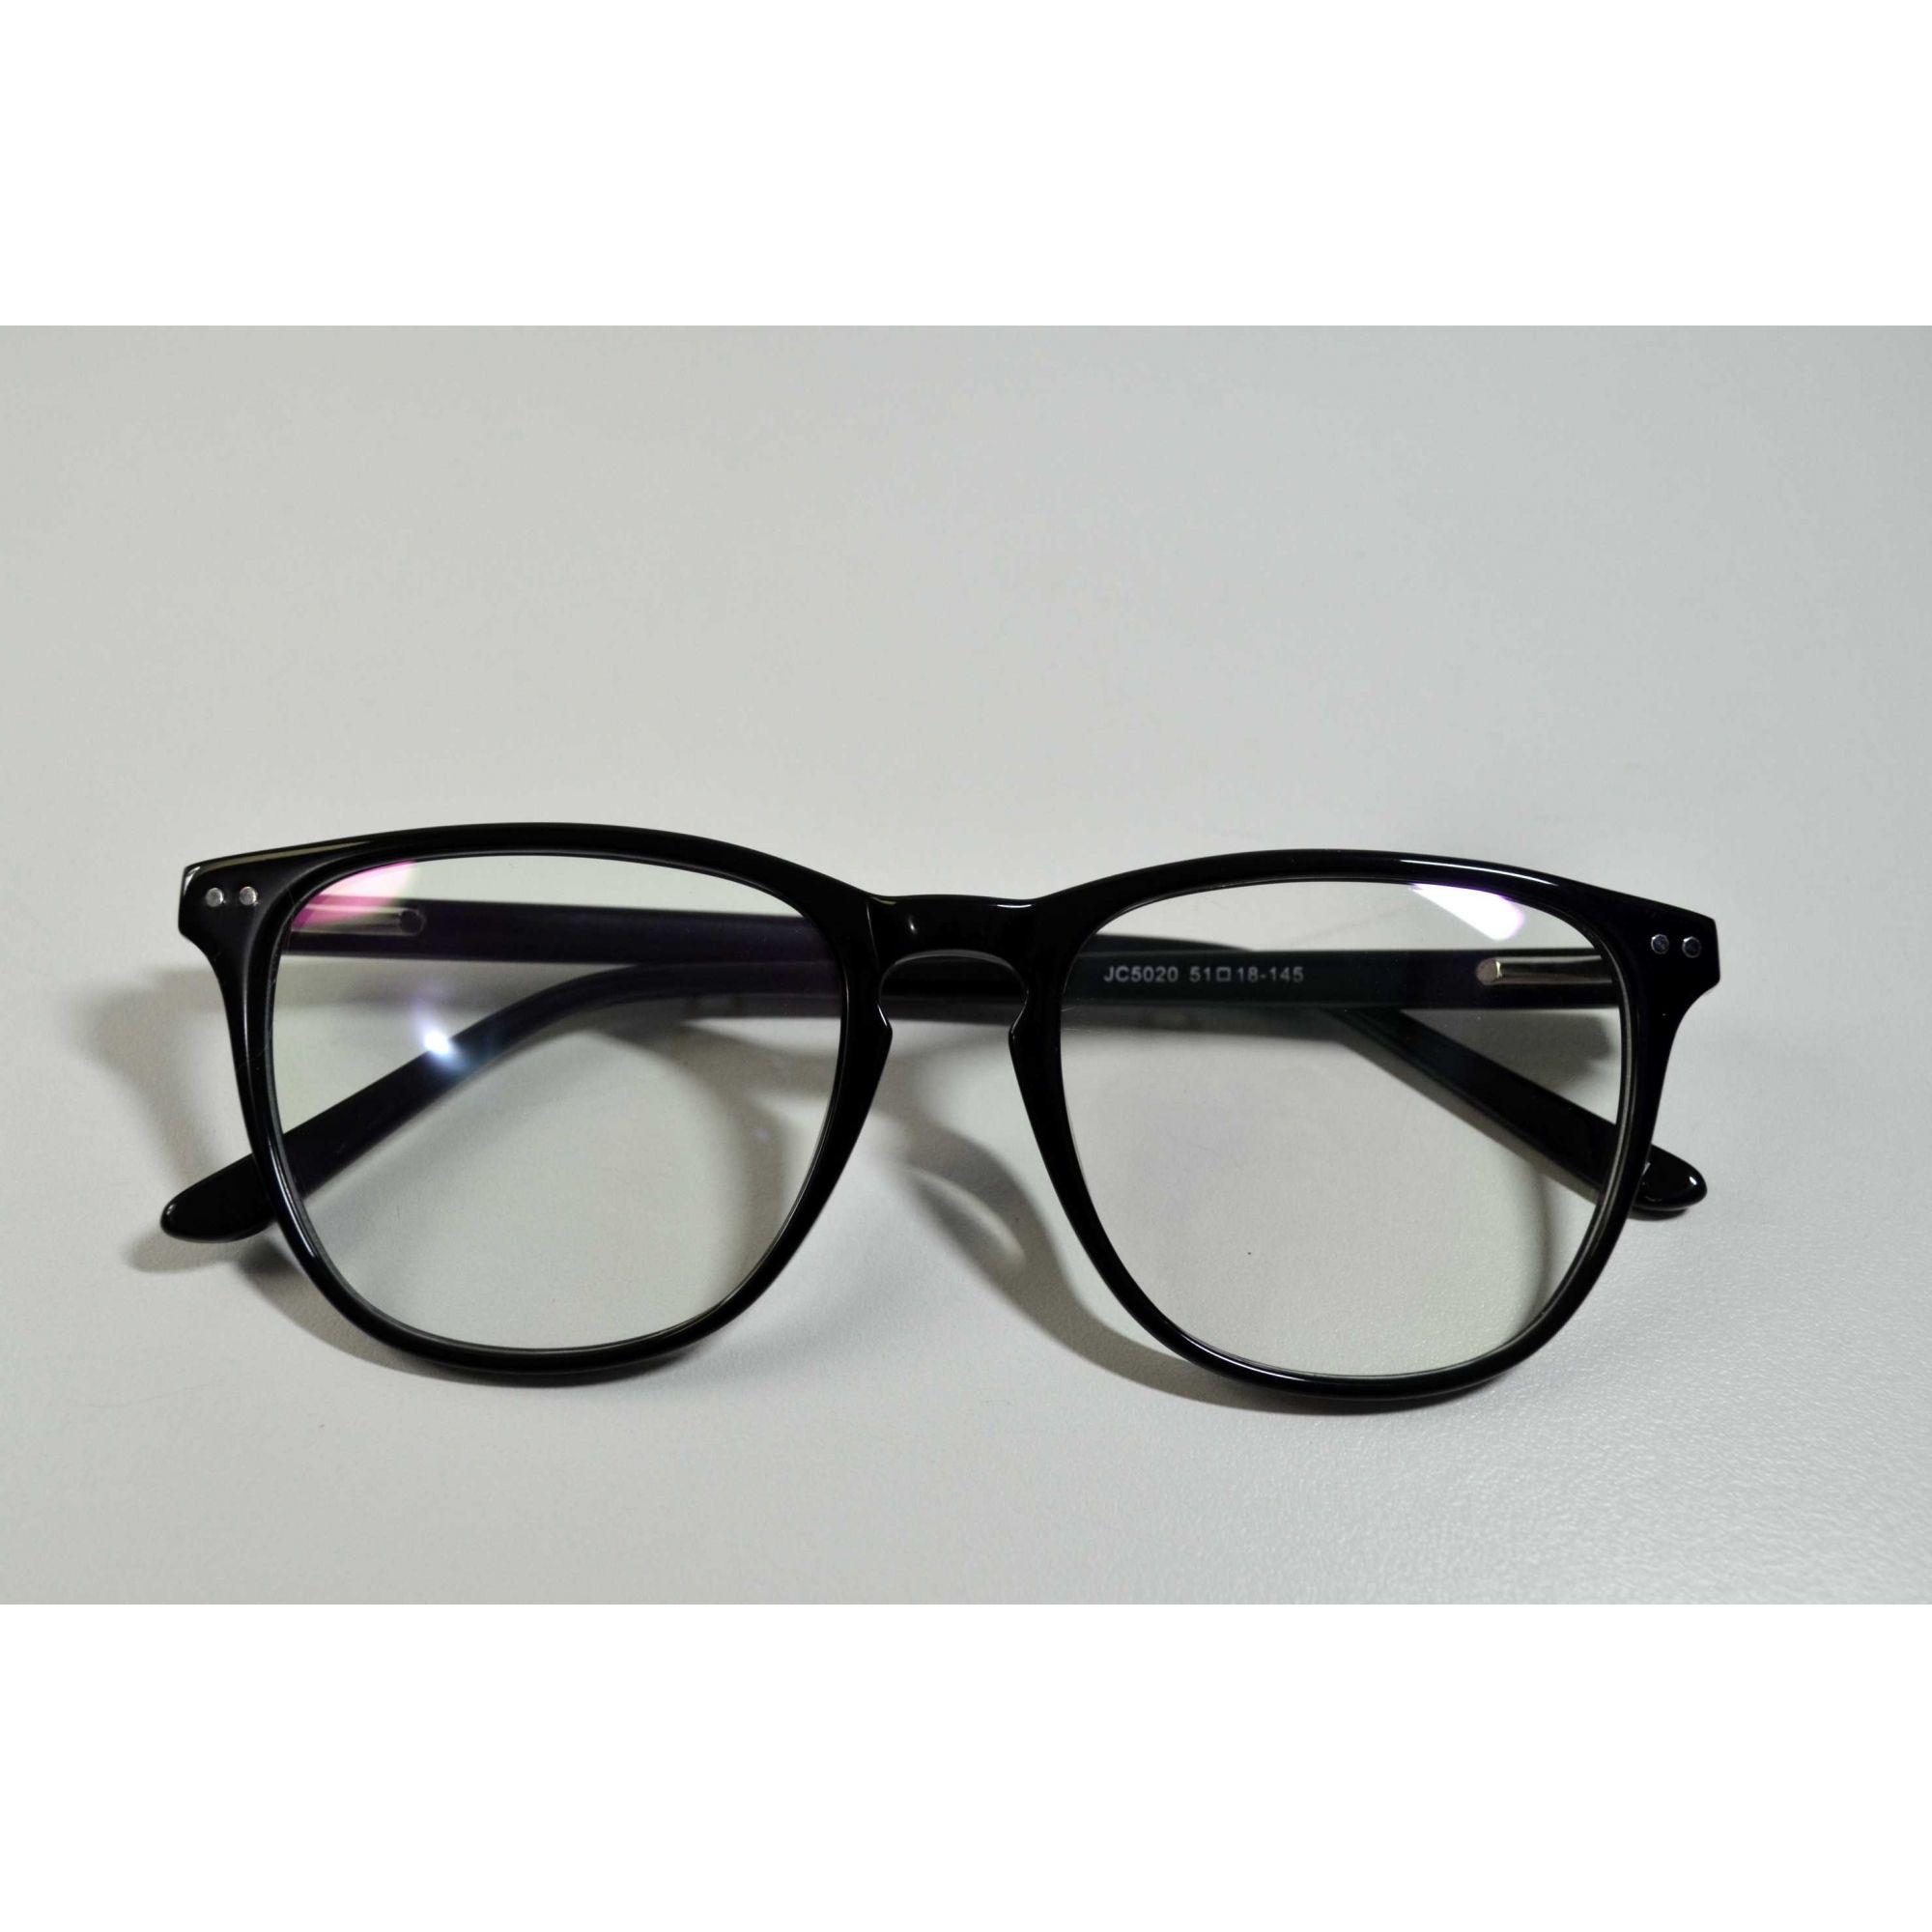 828425d2fb544 Armação Óculos Grau Feminino Estilo Selena Preto